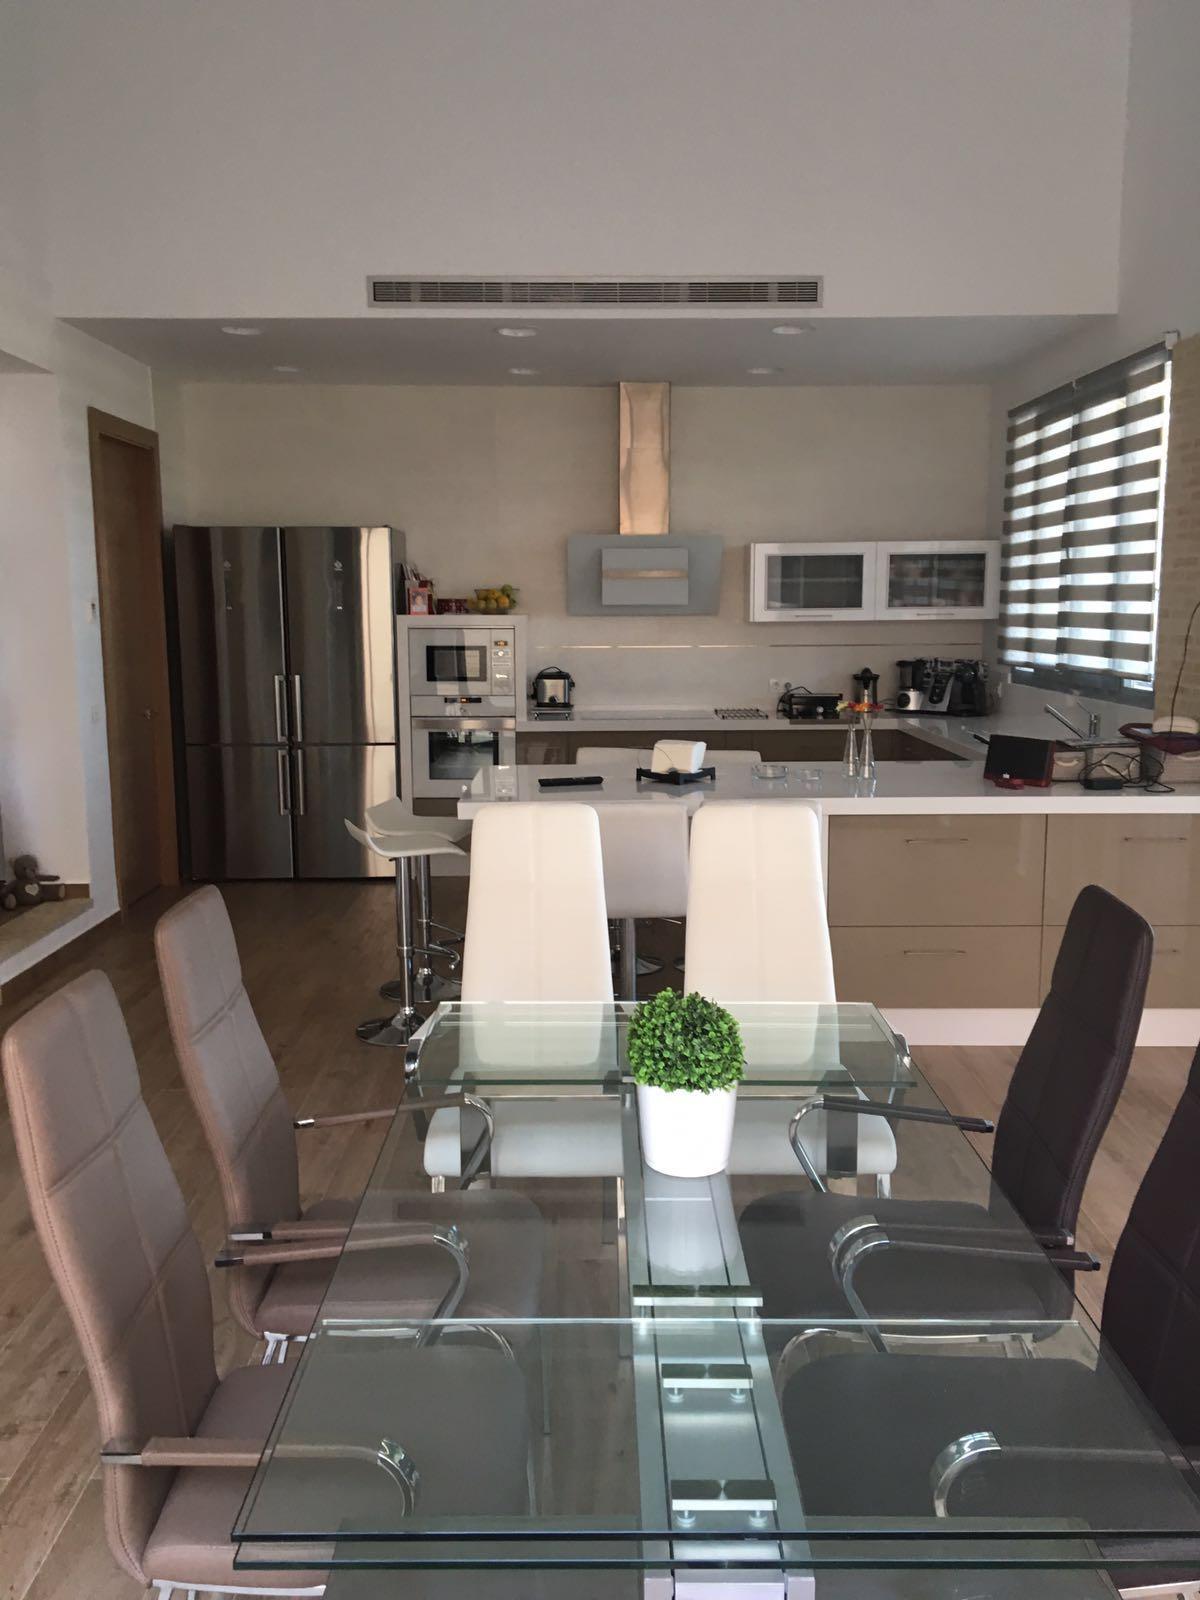 Comprar Muebles De Cocina : Azul cocinas tienda de muebles cocina en el aljarafe